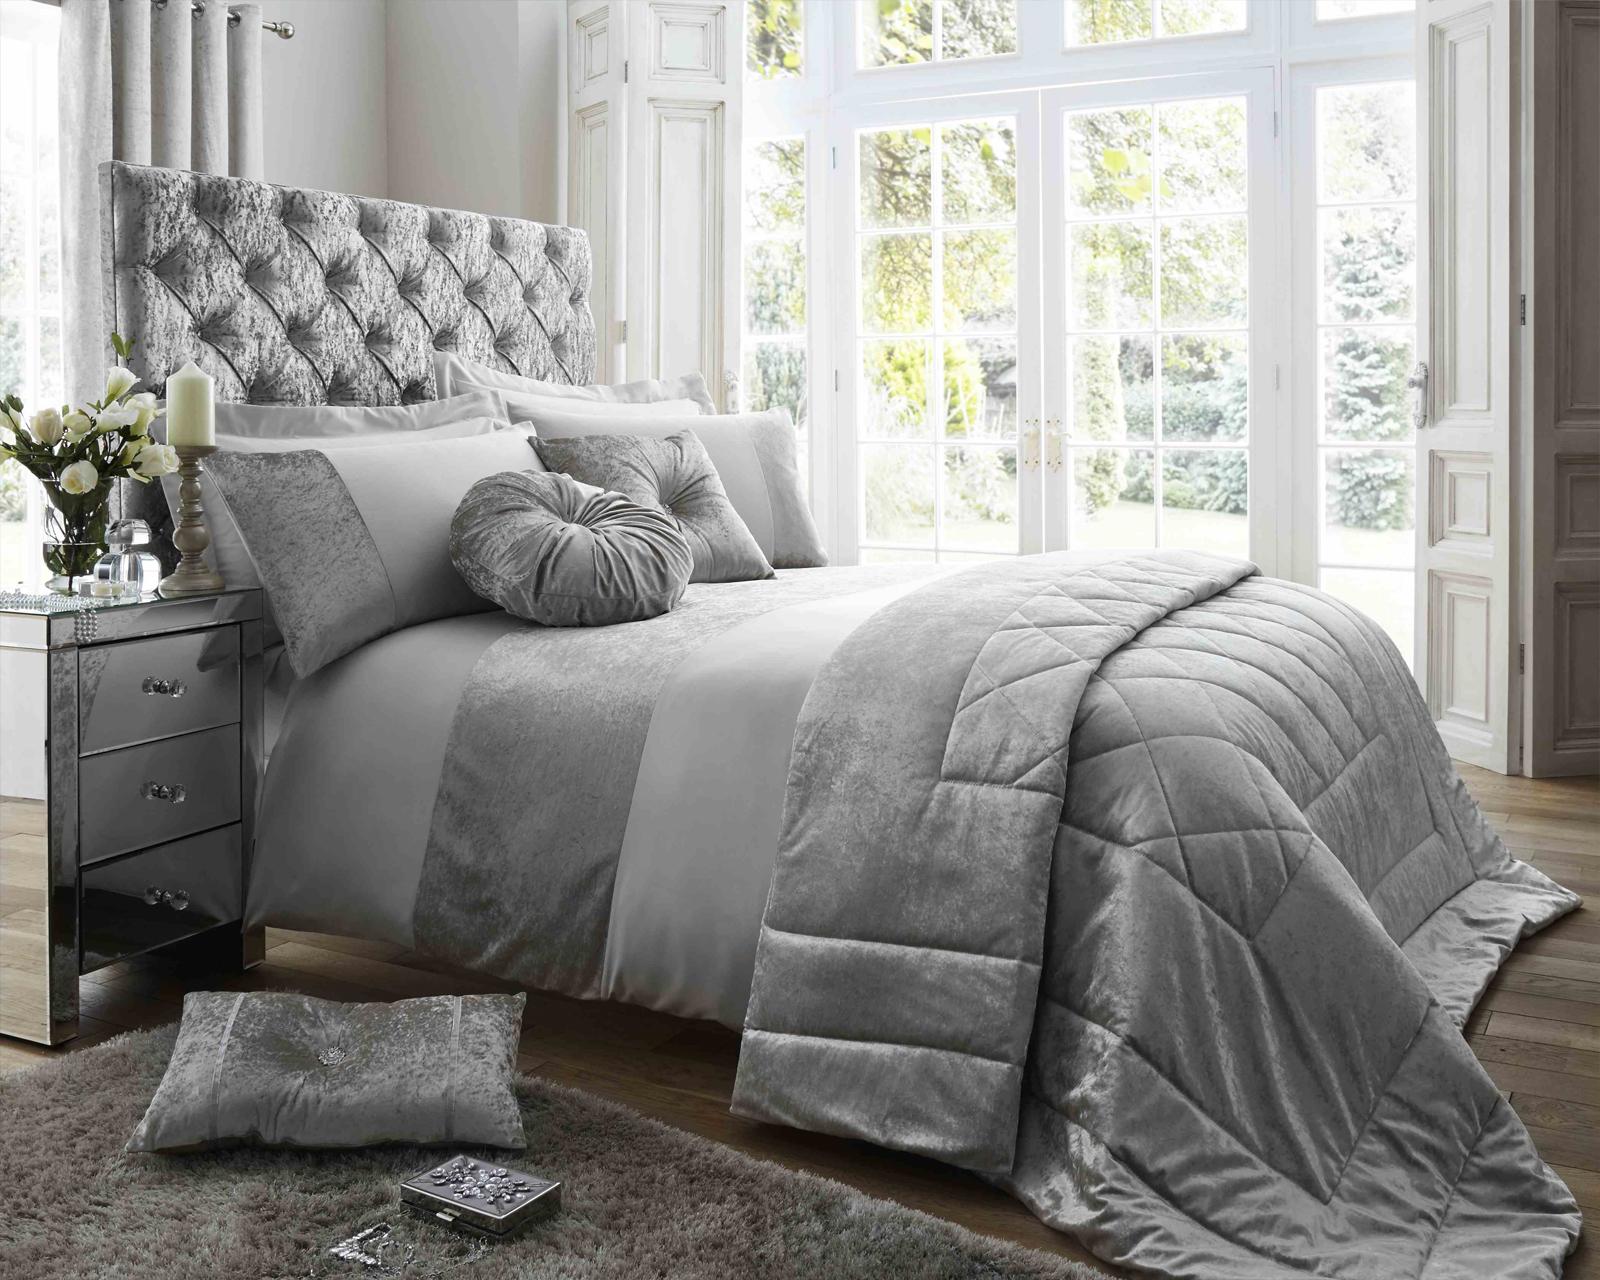 Luxury Crushed Velvet Sequin Effect /& Stardust Duvet Quilt Cover Bedding Sets